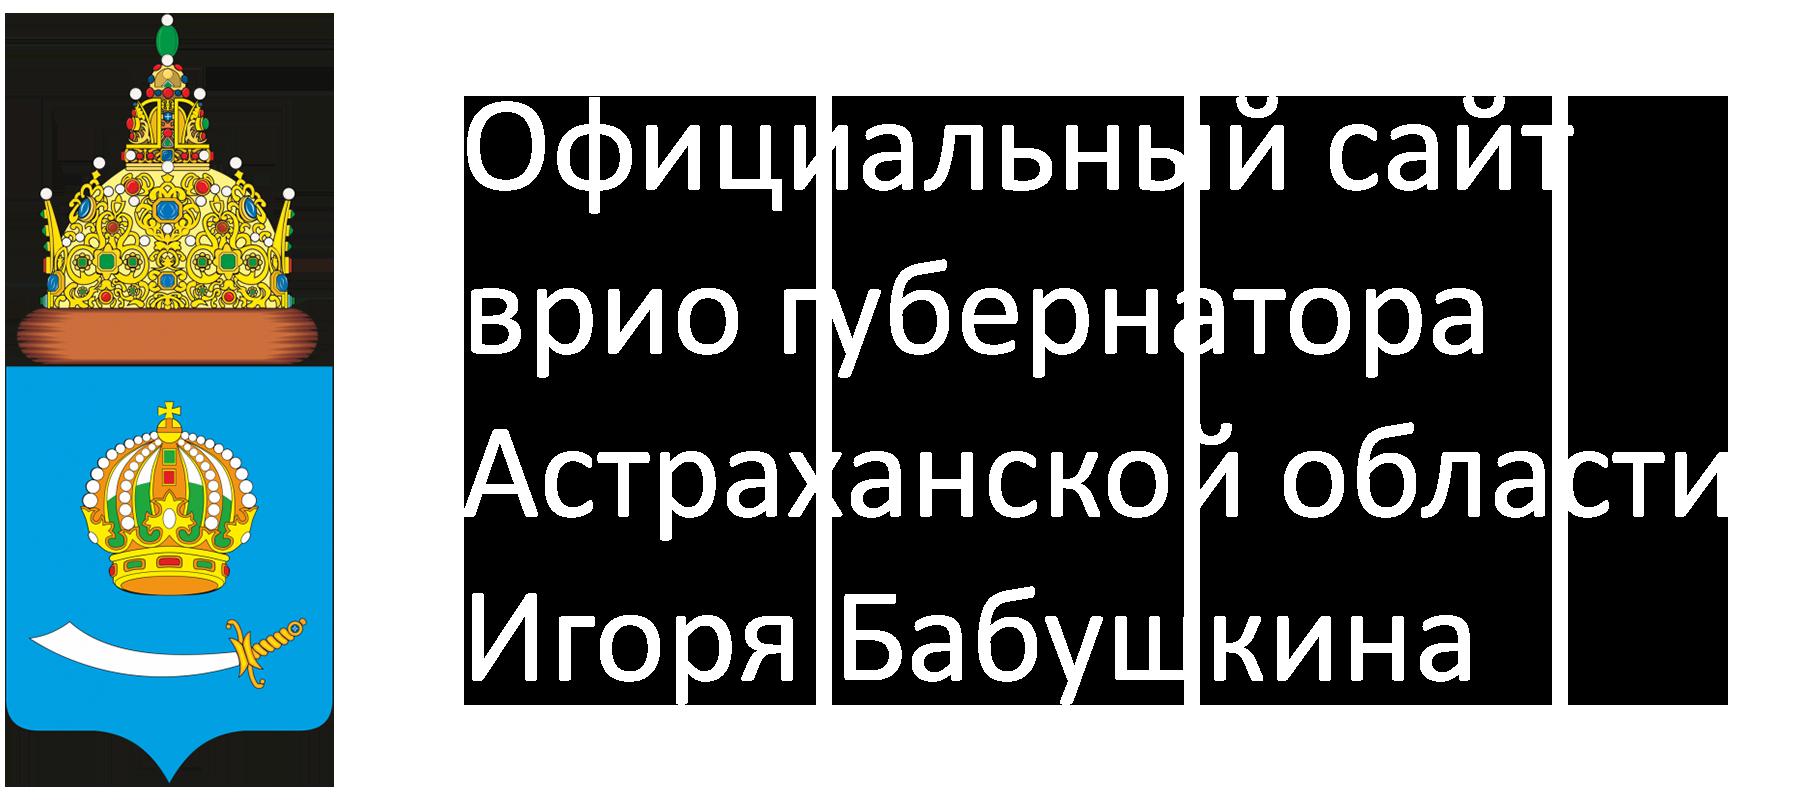 Официальный сайт врио губернатора Астраханской области Игоря Бабушкина